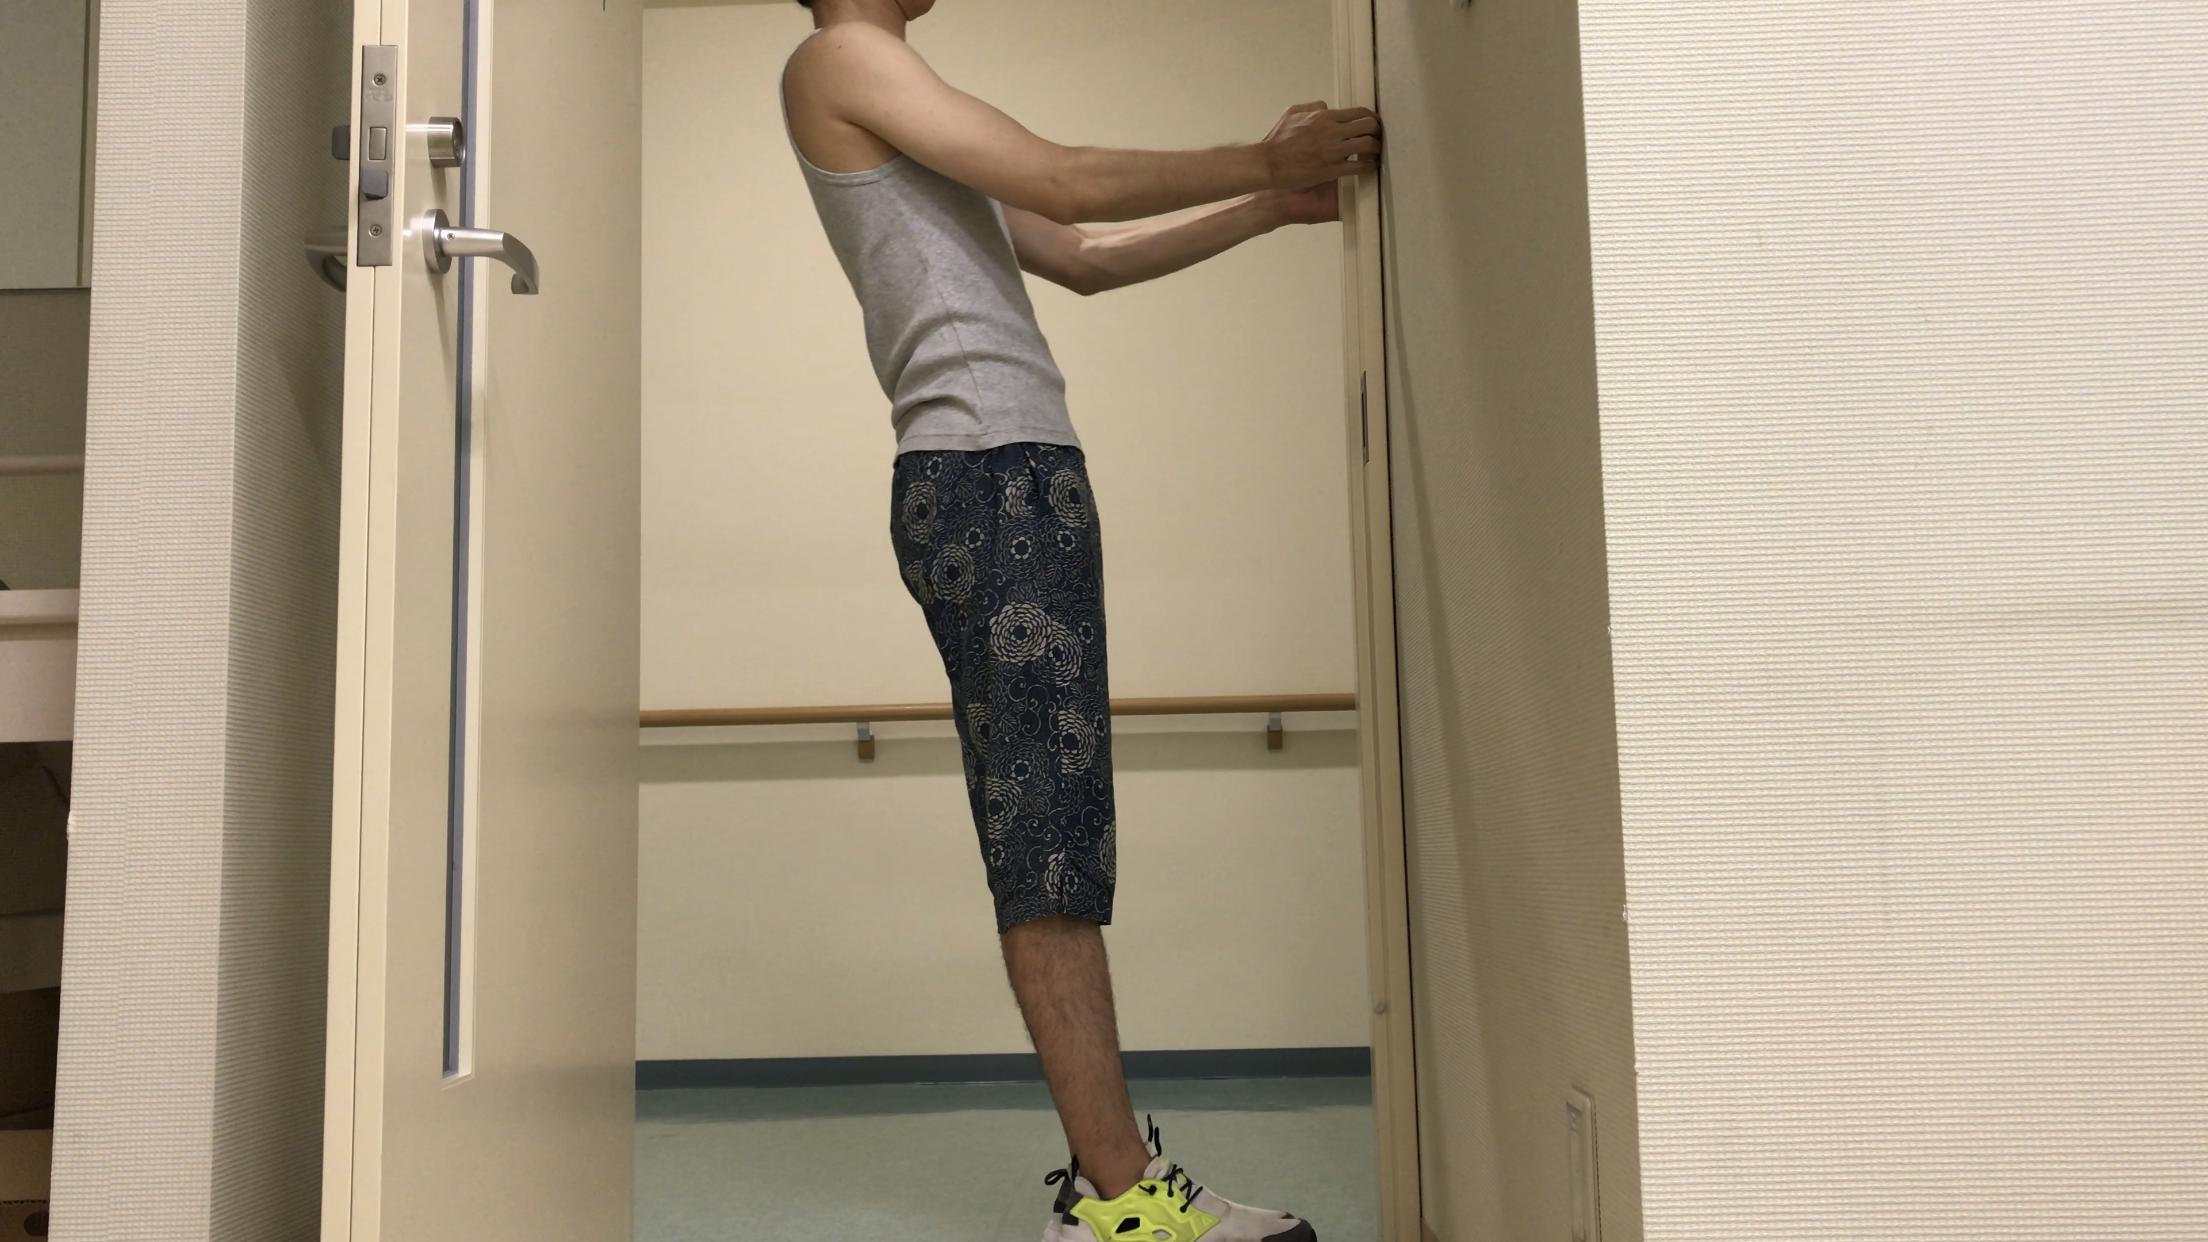 物足りない「ヴァーチカル・プル」を魅力的なトレーニングに引き上げるための戦略とは #プリズナートレーニング – 歳月庵